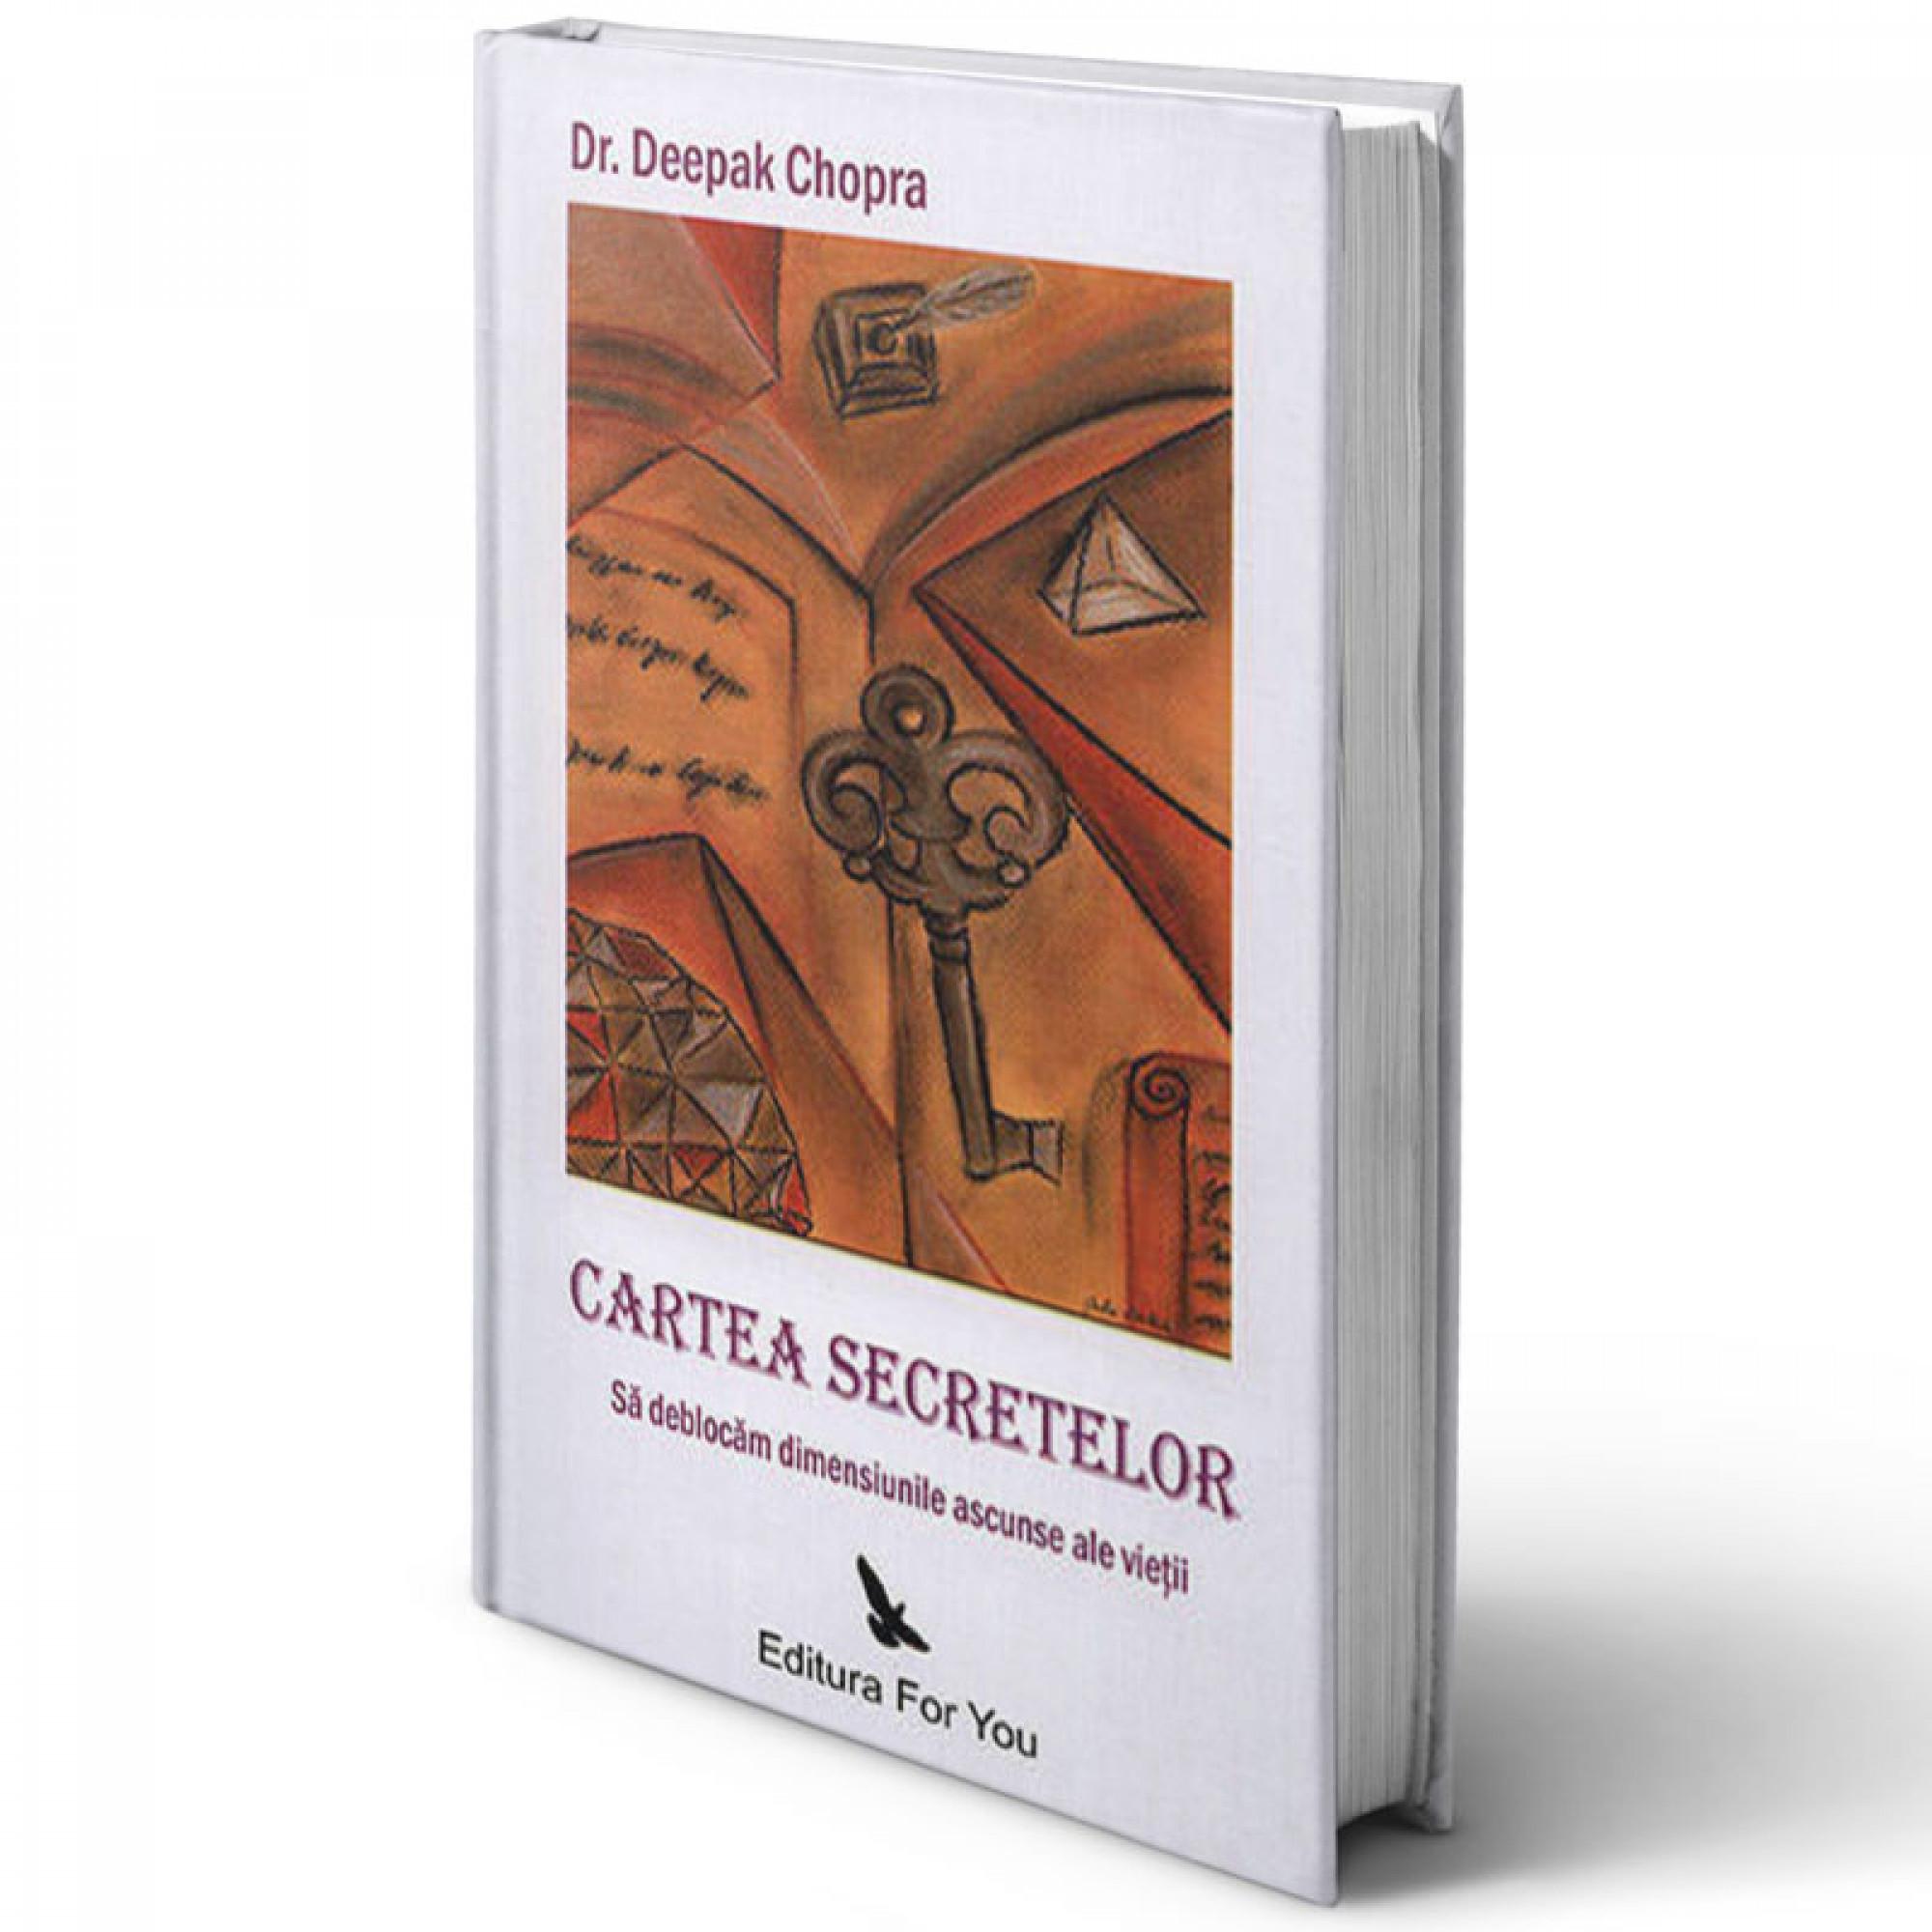 Cartea secretelor; Deepak Chopra